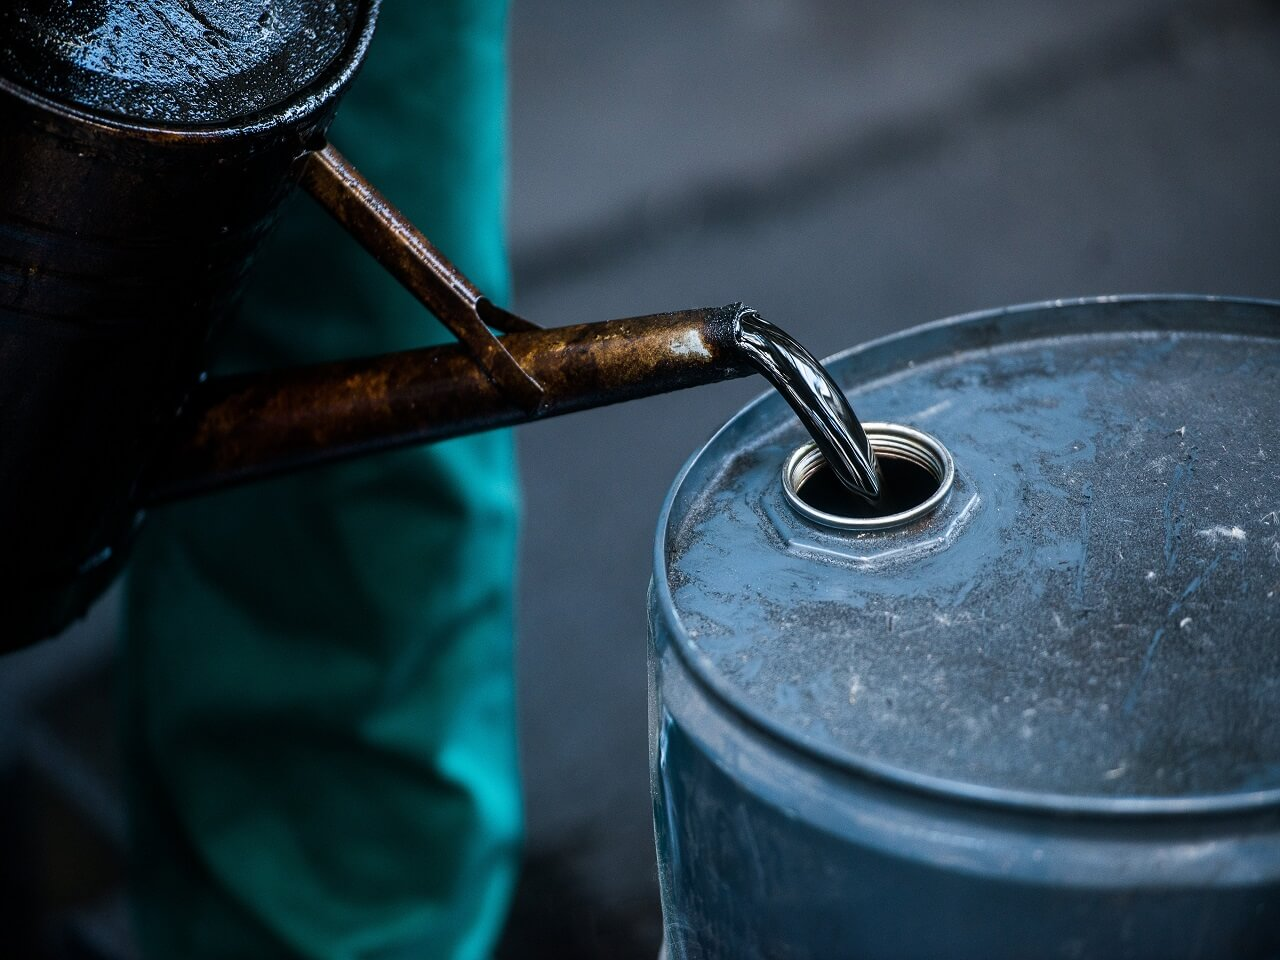 Hindistan, İran'dan Ham Petrol İthalatına Devam Edeceğini Bildirdi